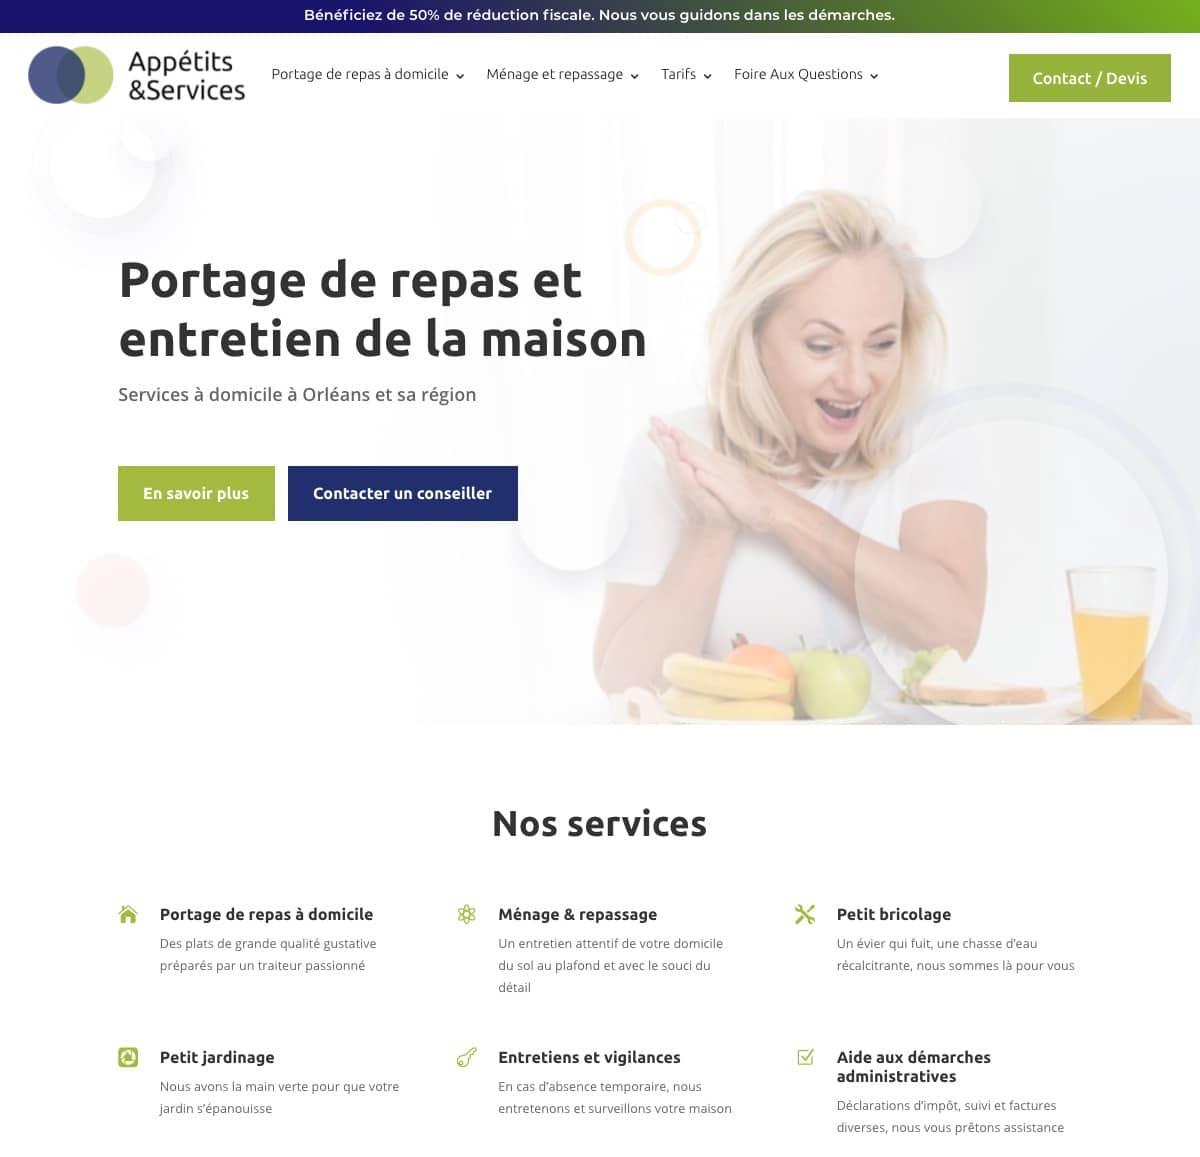 page d'accueil du site appétits et services